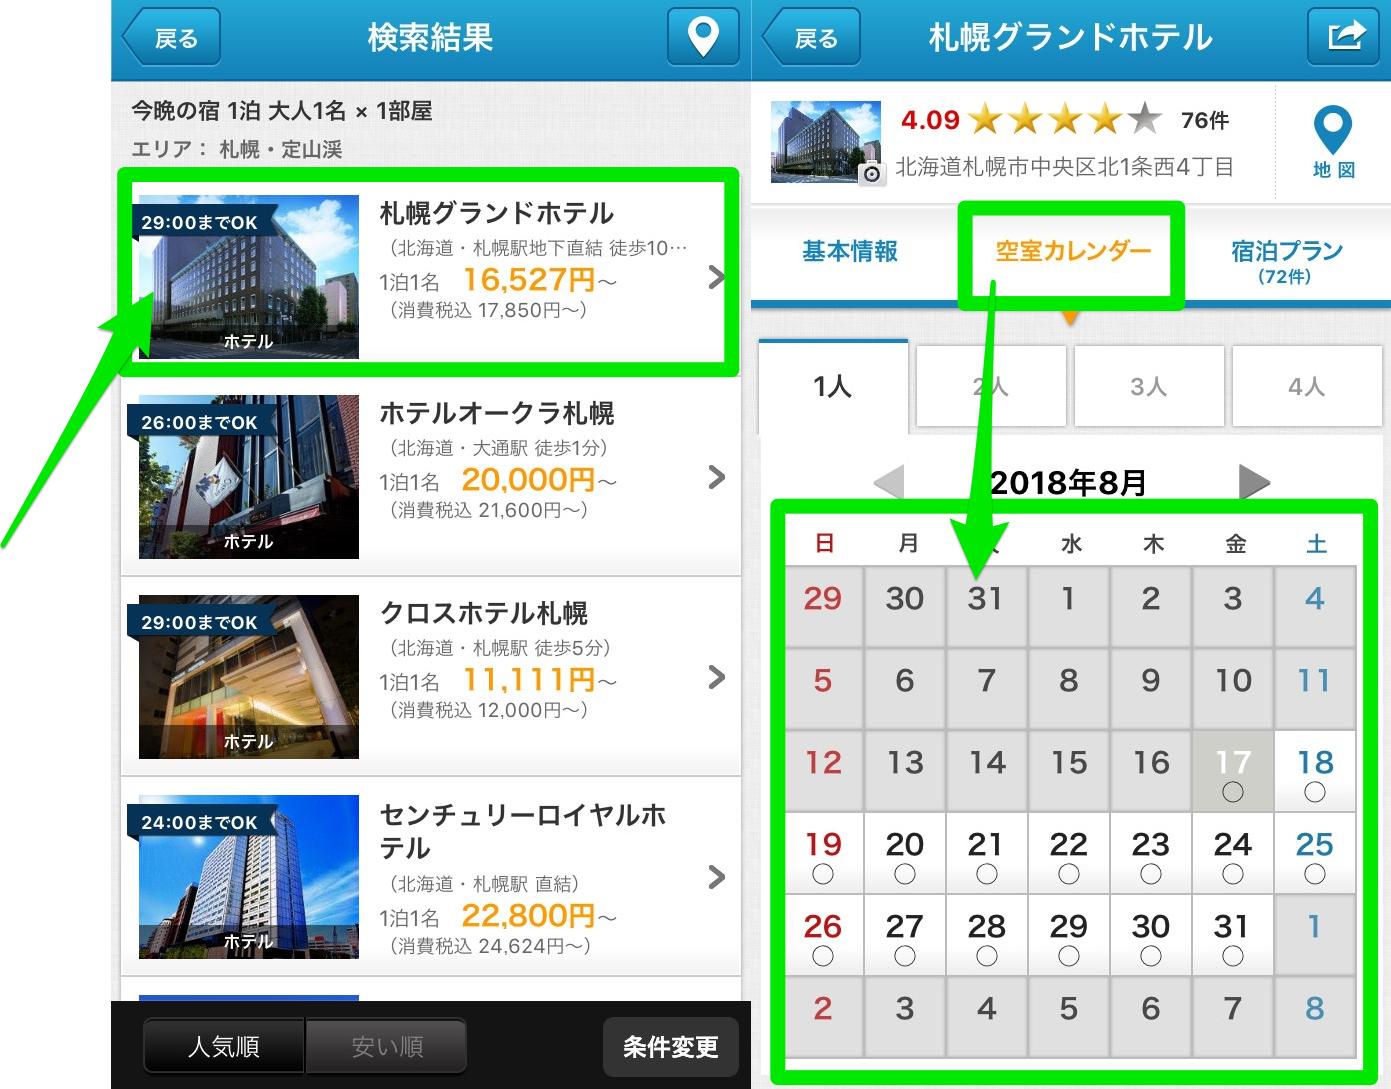 一休.comアプリでホテルを予約